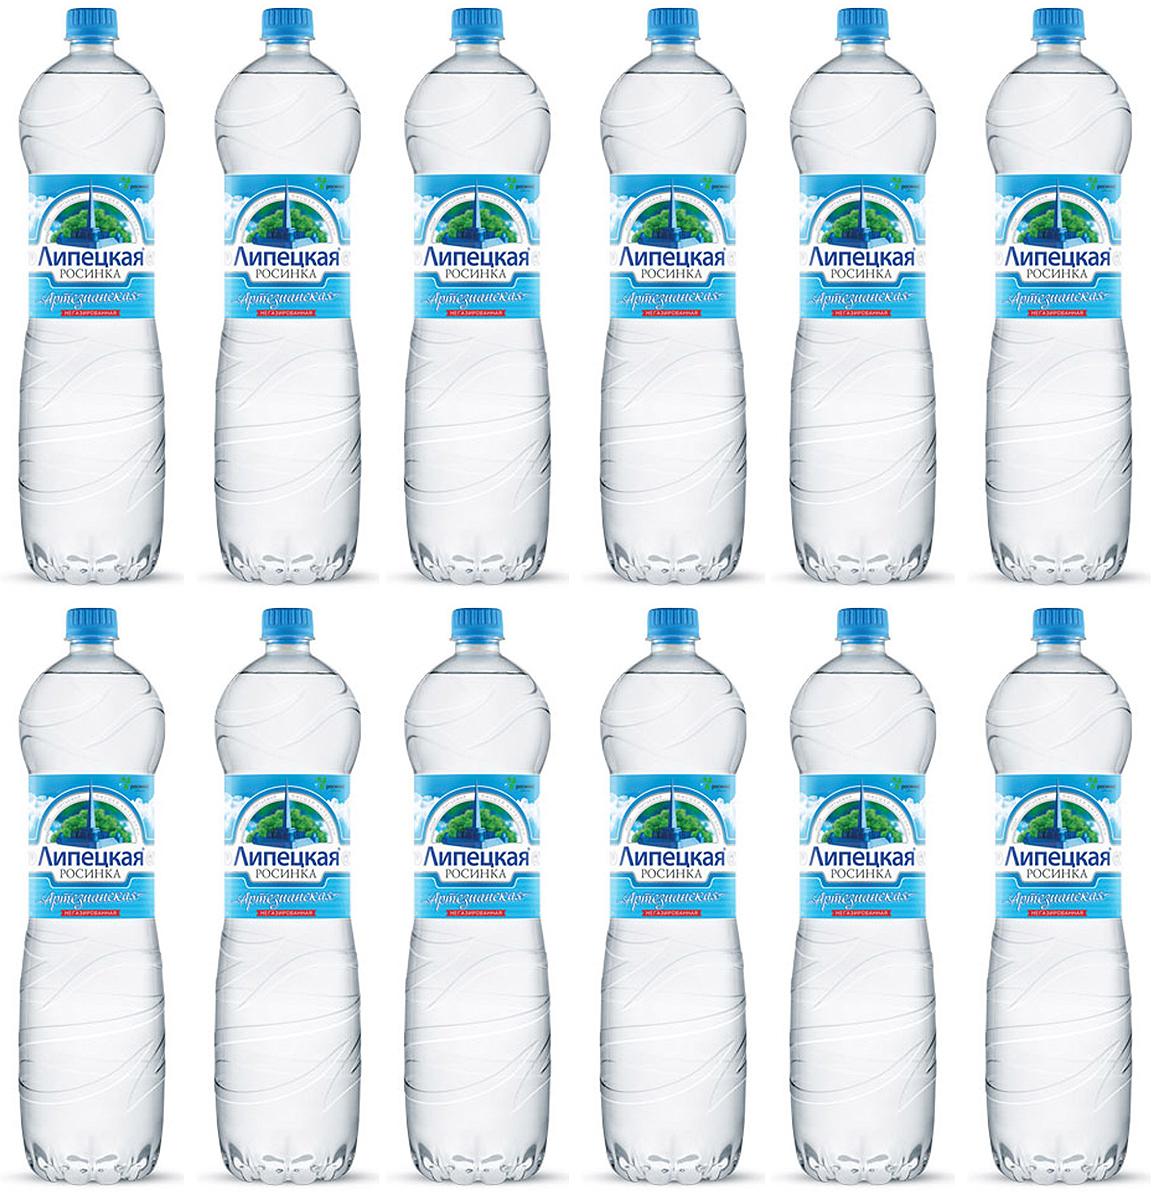 Липецкая Росинка вода негазированная, 12 шт по 0,5 л4601025108243Природная минеральная вода Липецкая Росинка - одна из лучших по показателям не только в России, но и в мире, разливается из скважины глубиной 601 метр непосредственно на источнике. Это сохраняет в первозданном виде ее природную чистоту, особый вкус и ценные полезные свойства. Состав минералов и микроэлементов сбалансирован для ежедневного употребления. Изготовляется по ГОСТУ.Сколько нужно пить воды: мнение диетолога. Статья OZON Гид